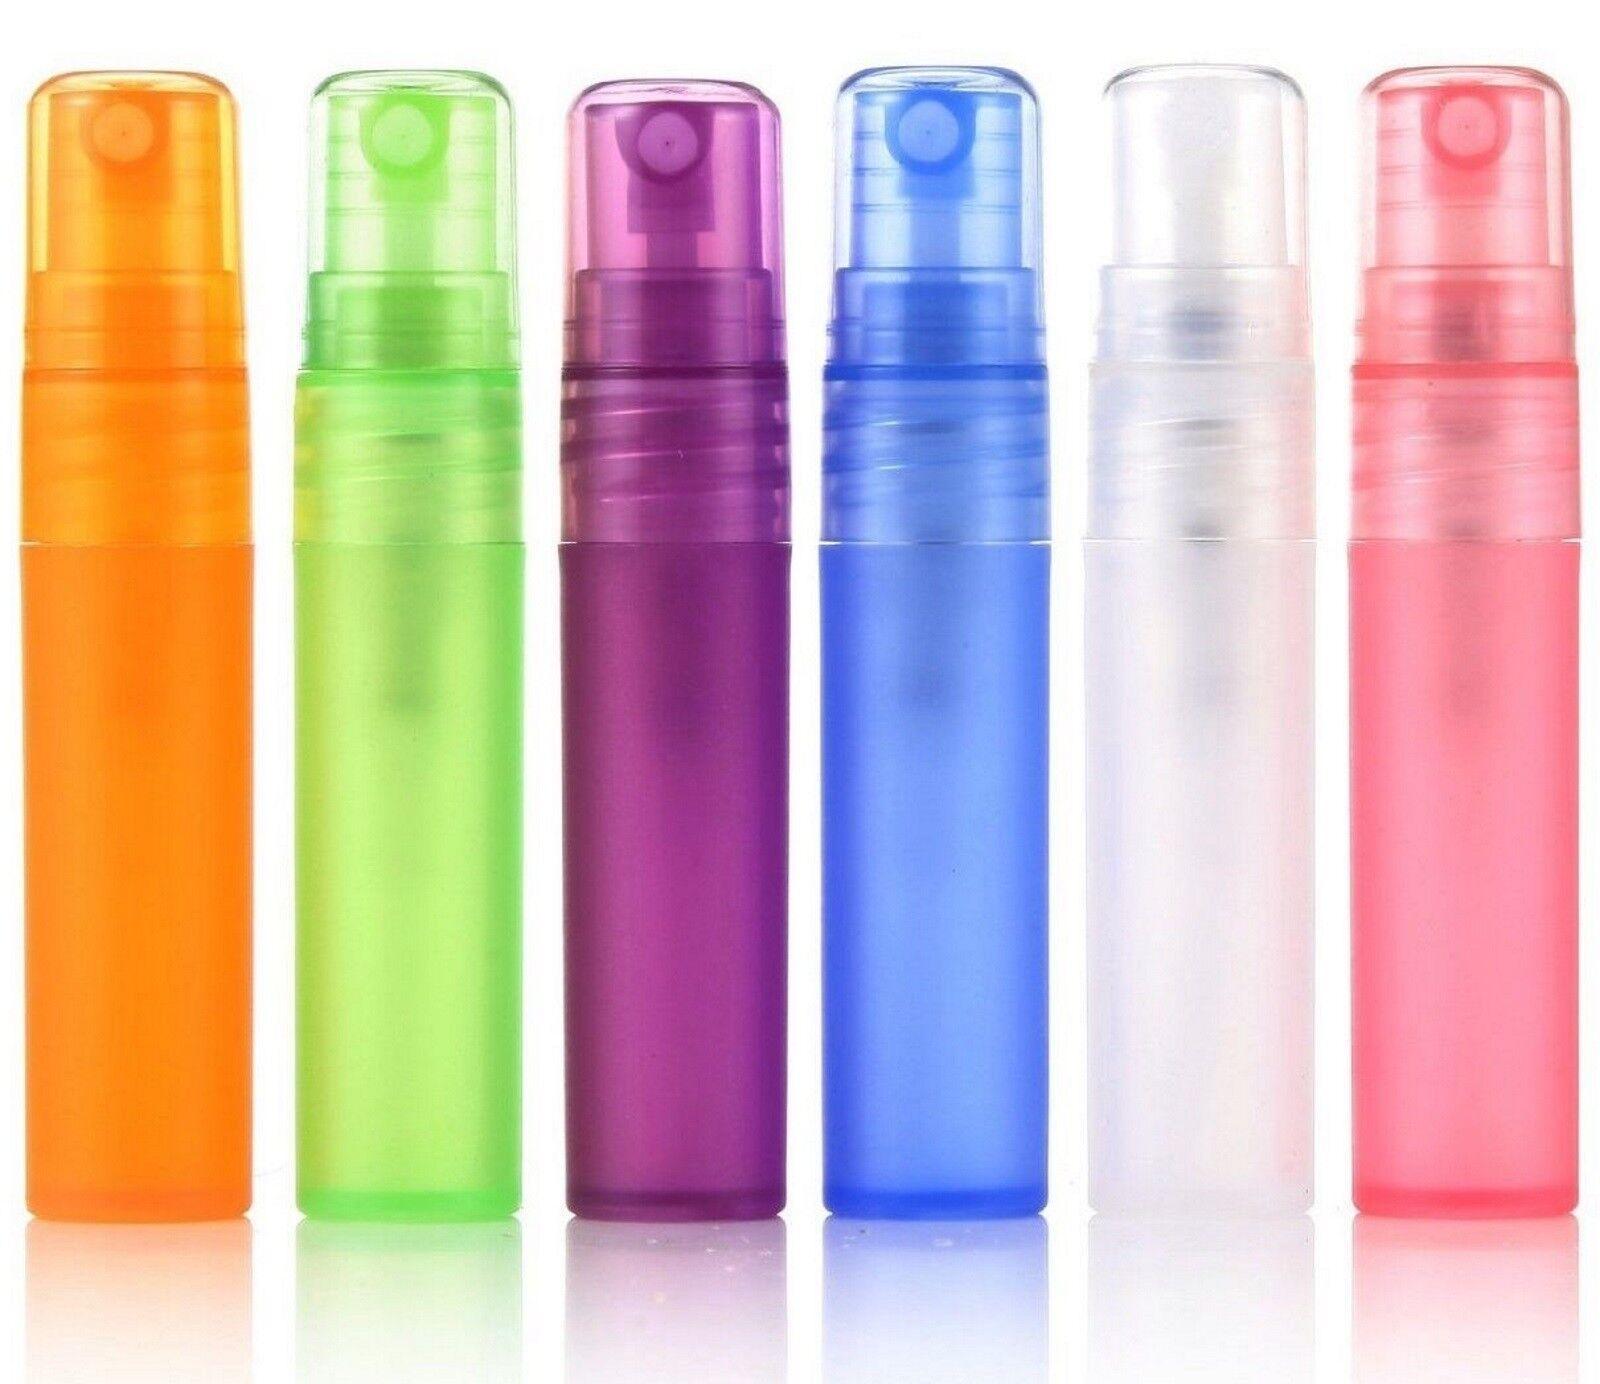 10 Parfüm Zerstäuber 8ml Taschenzerstäuber Mini Parfum Flasche Flakon Zerstäuber